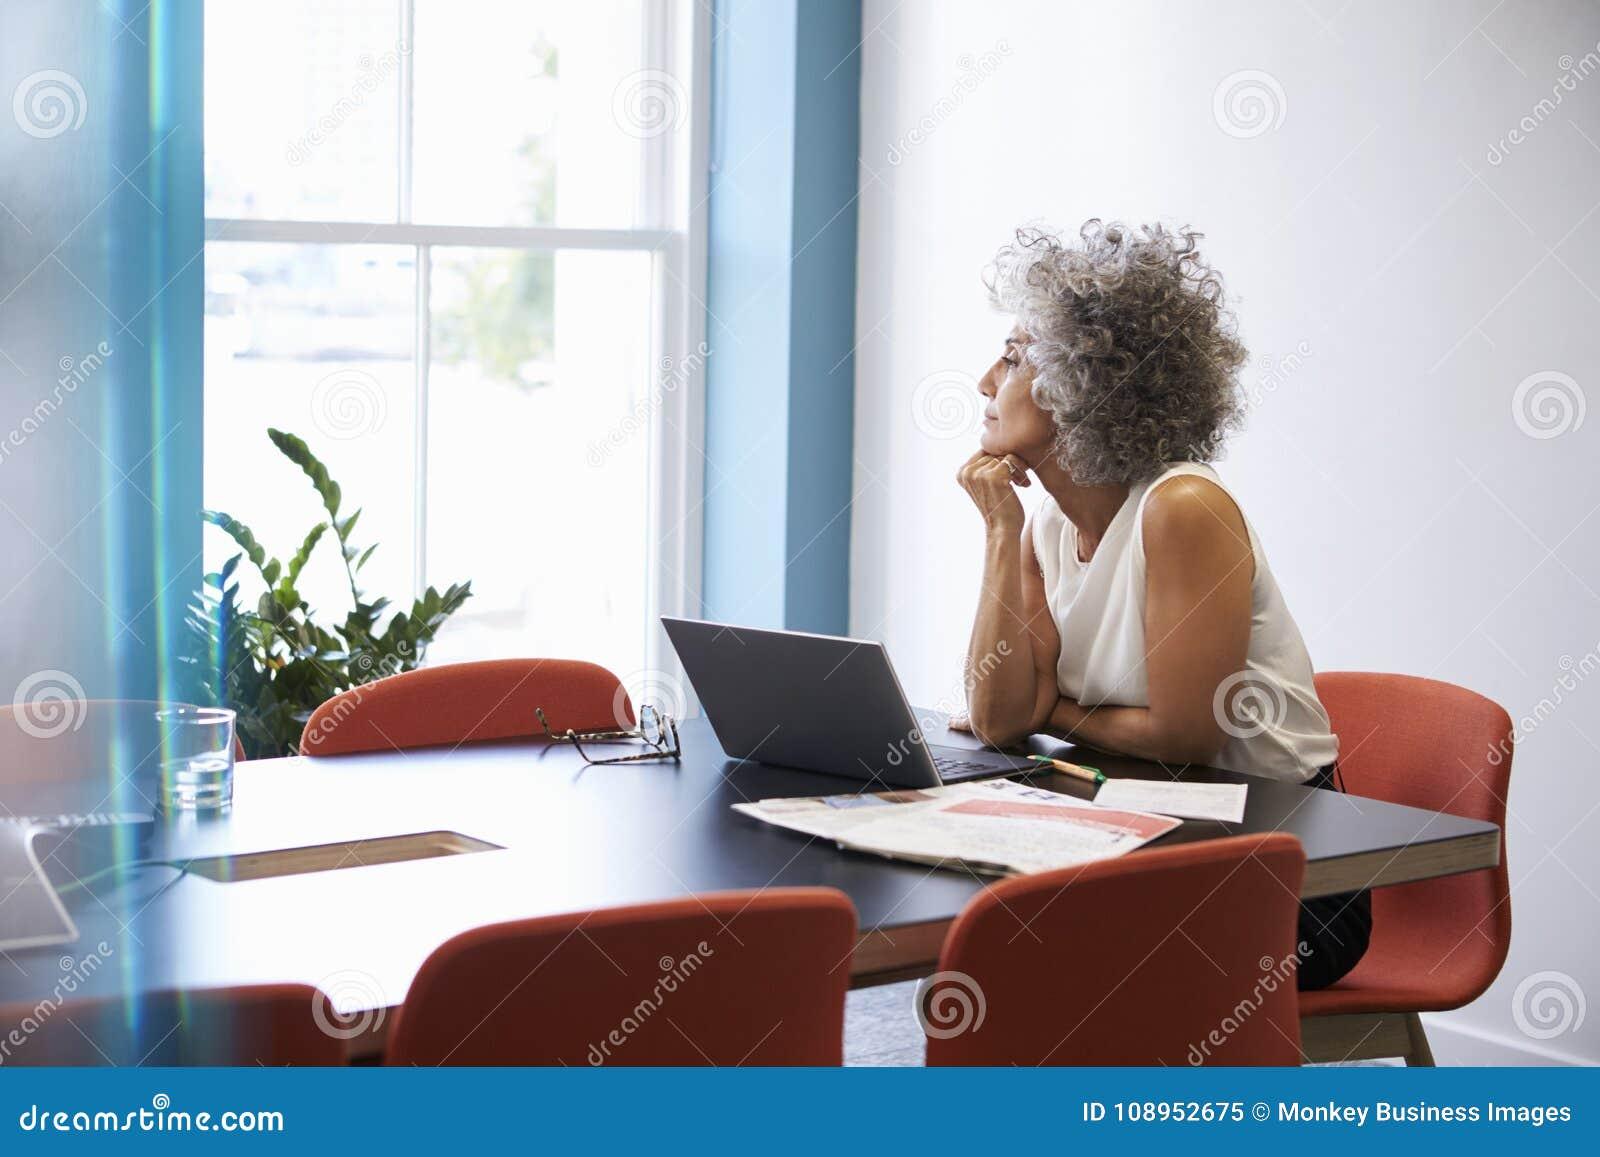 Le milieu a vieilli la femme regardant hors de la fenêtre dans la salle de réunion